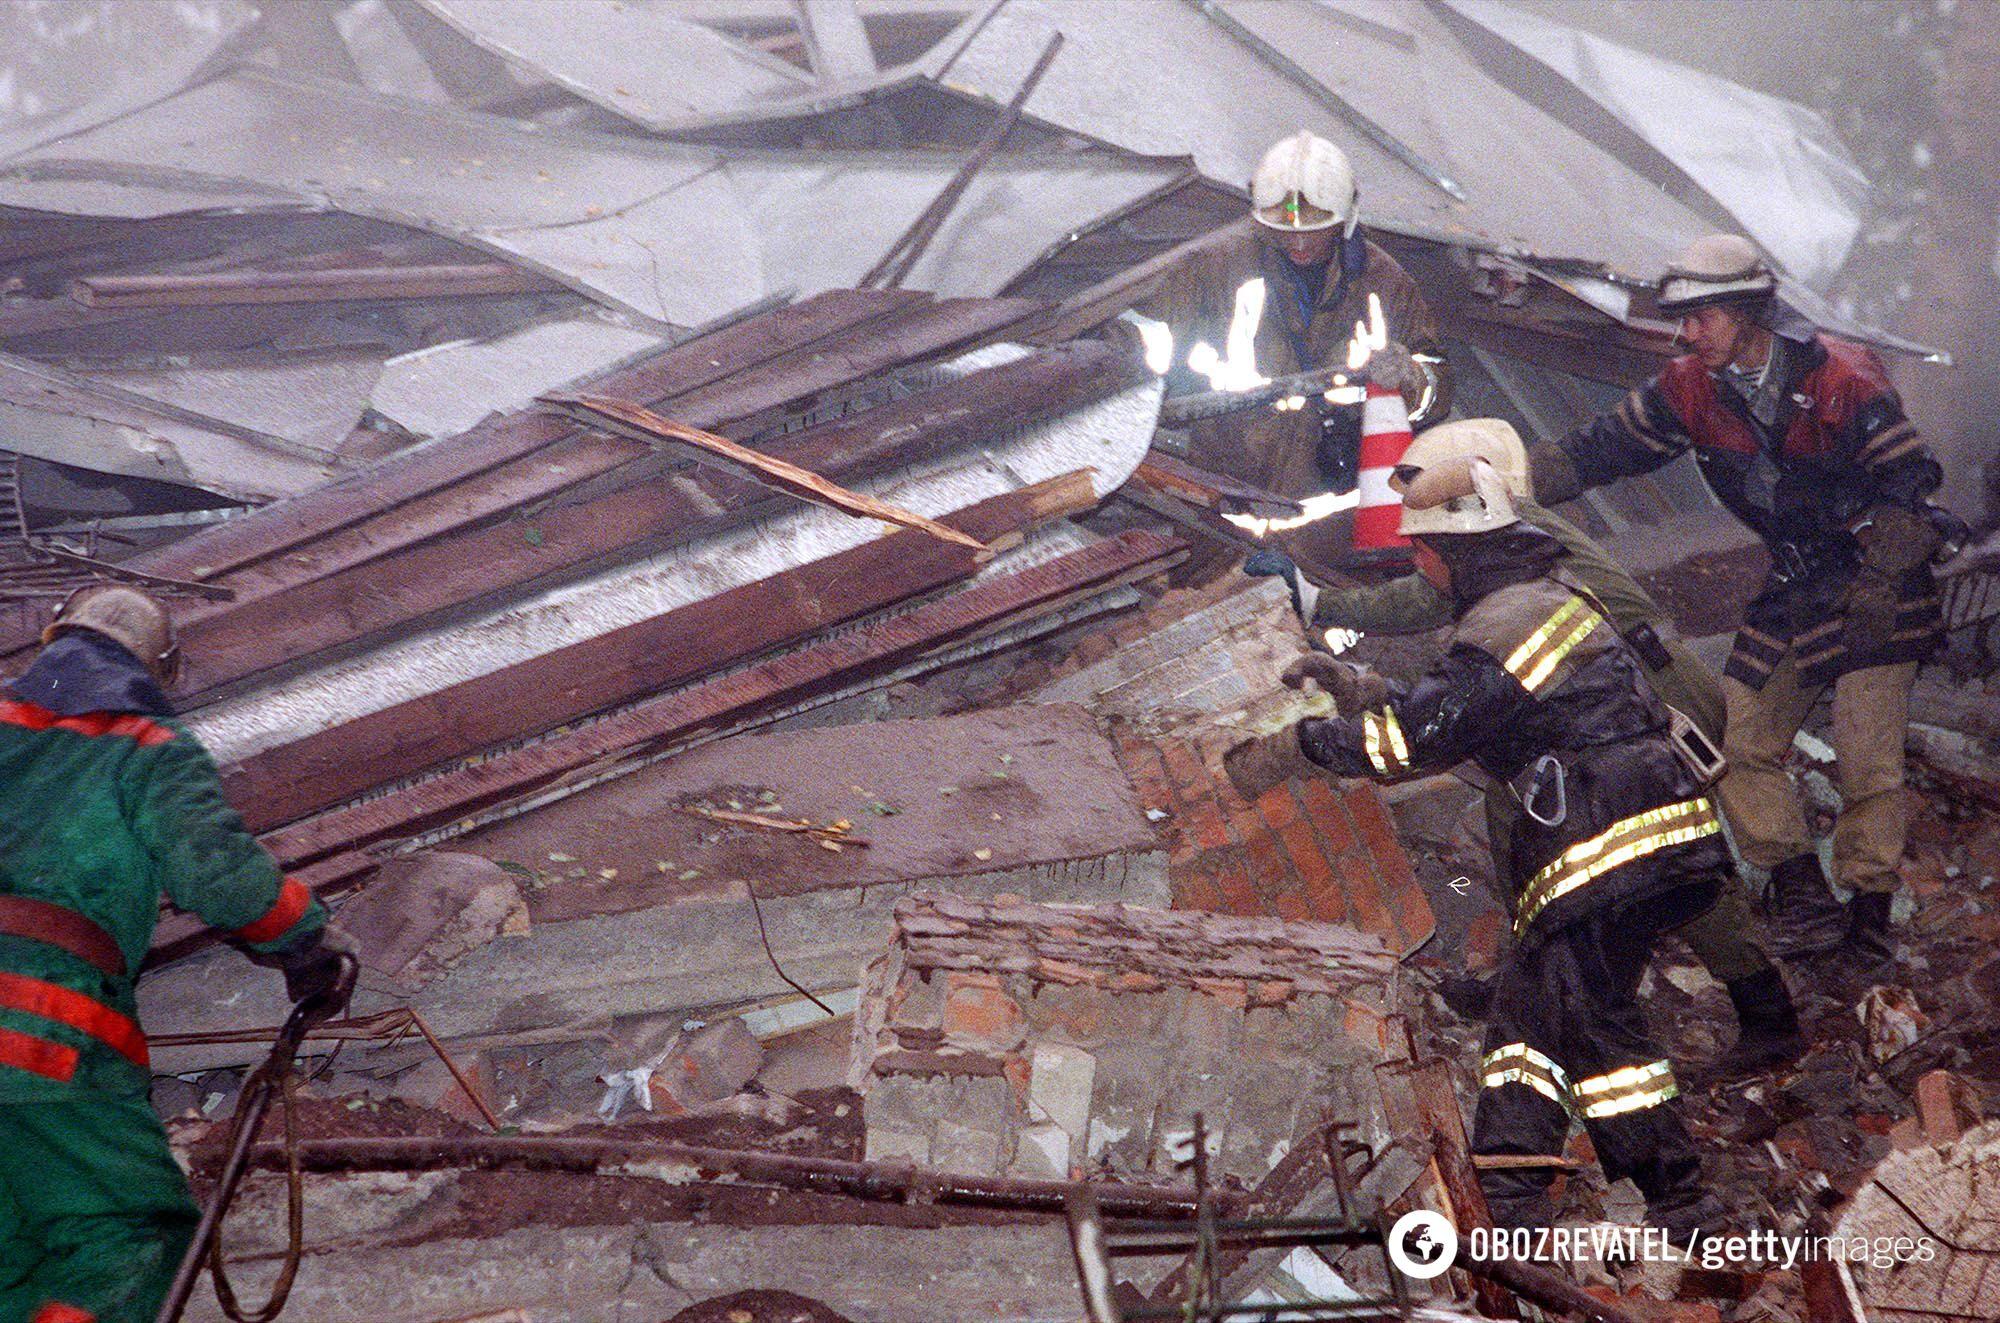 Пошуки уцілілих після вибуху в Москві 13 вересня 1999 року